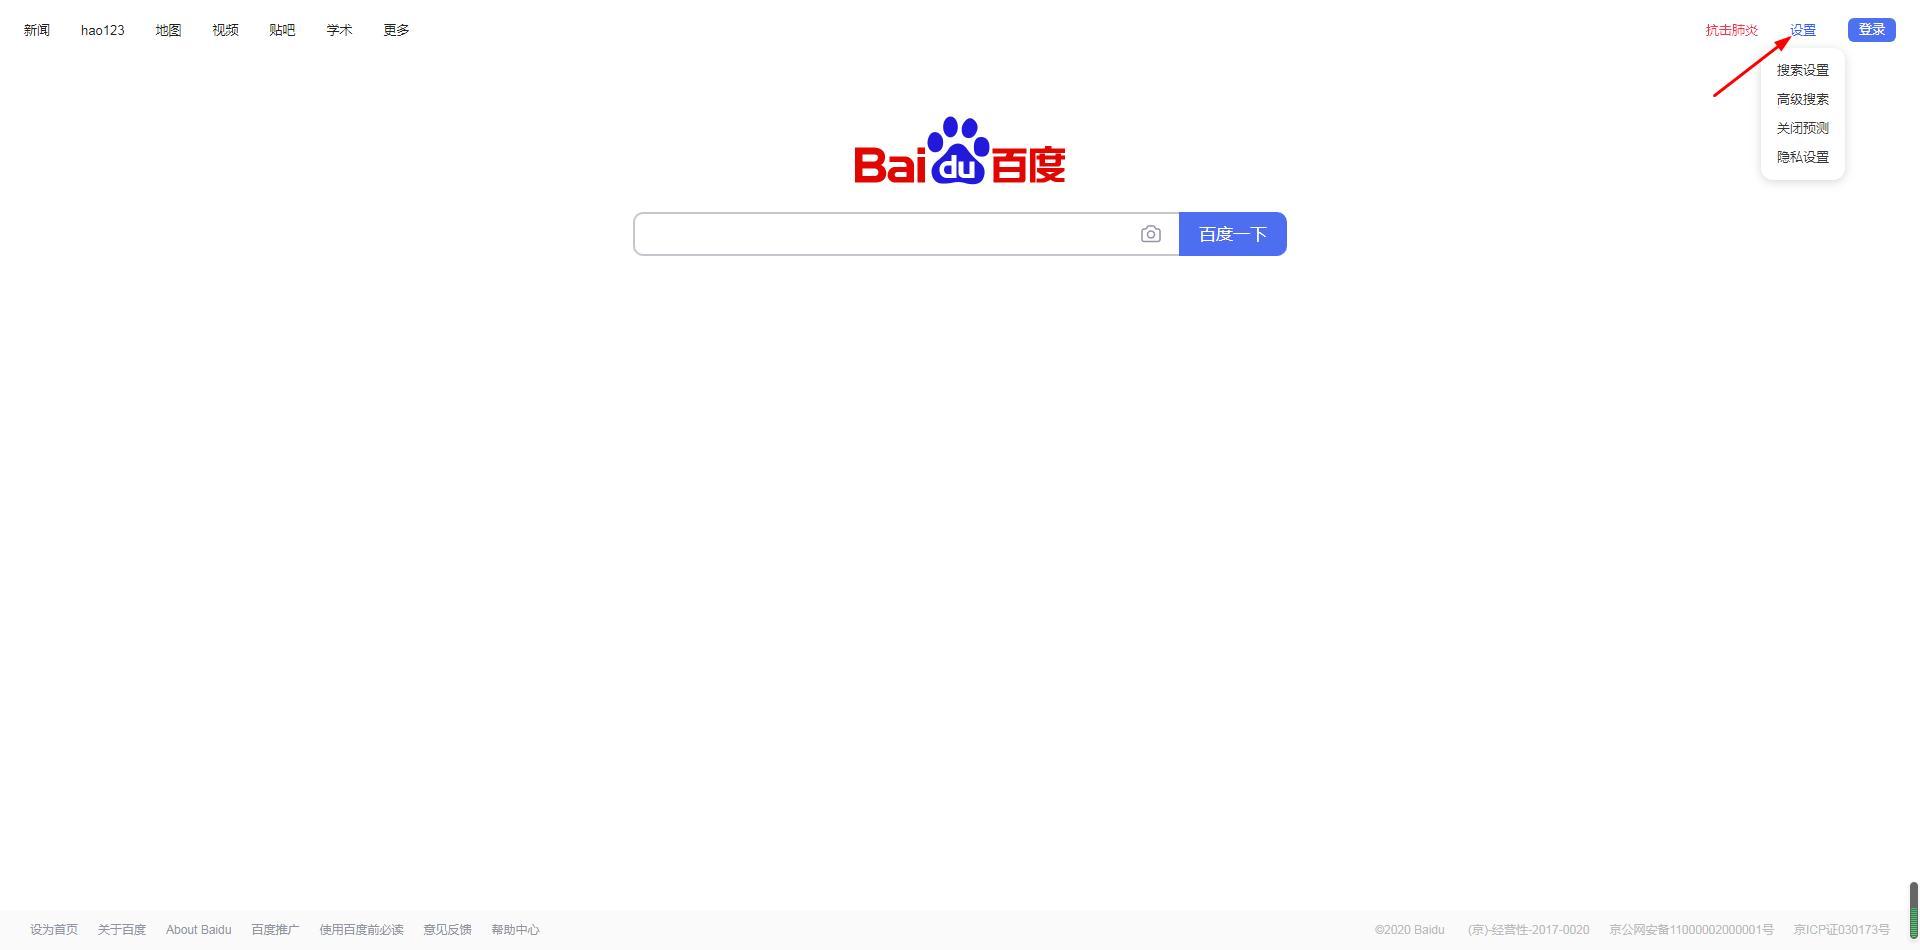 怎么在百度浏览器设置不显示搜索历史记